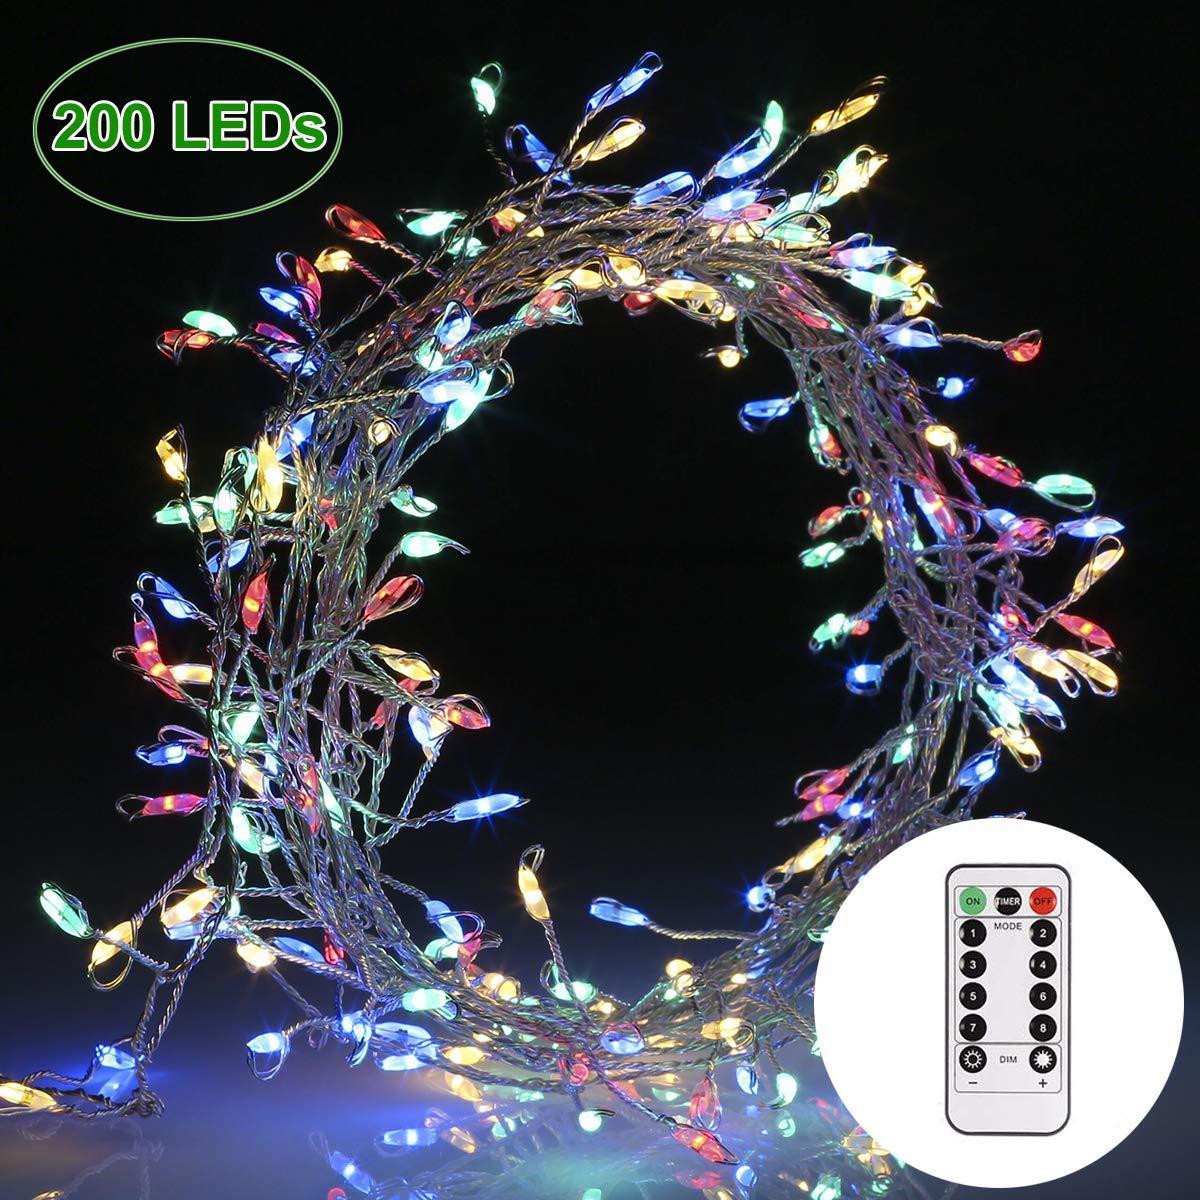 Fernbedienung 8 Funktionen 20m Weihnachtsbaum Lichterkette 200 LED Außen